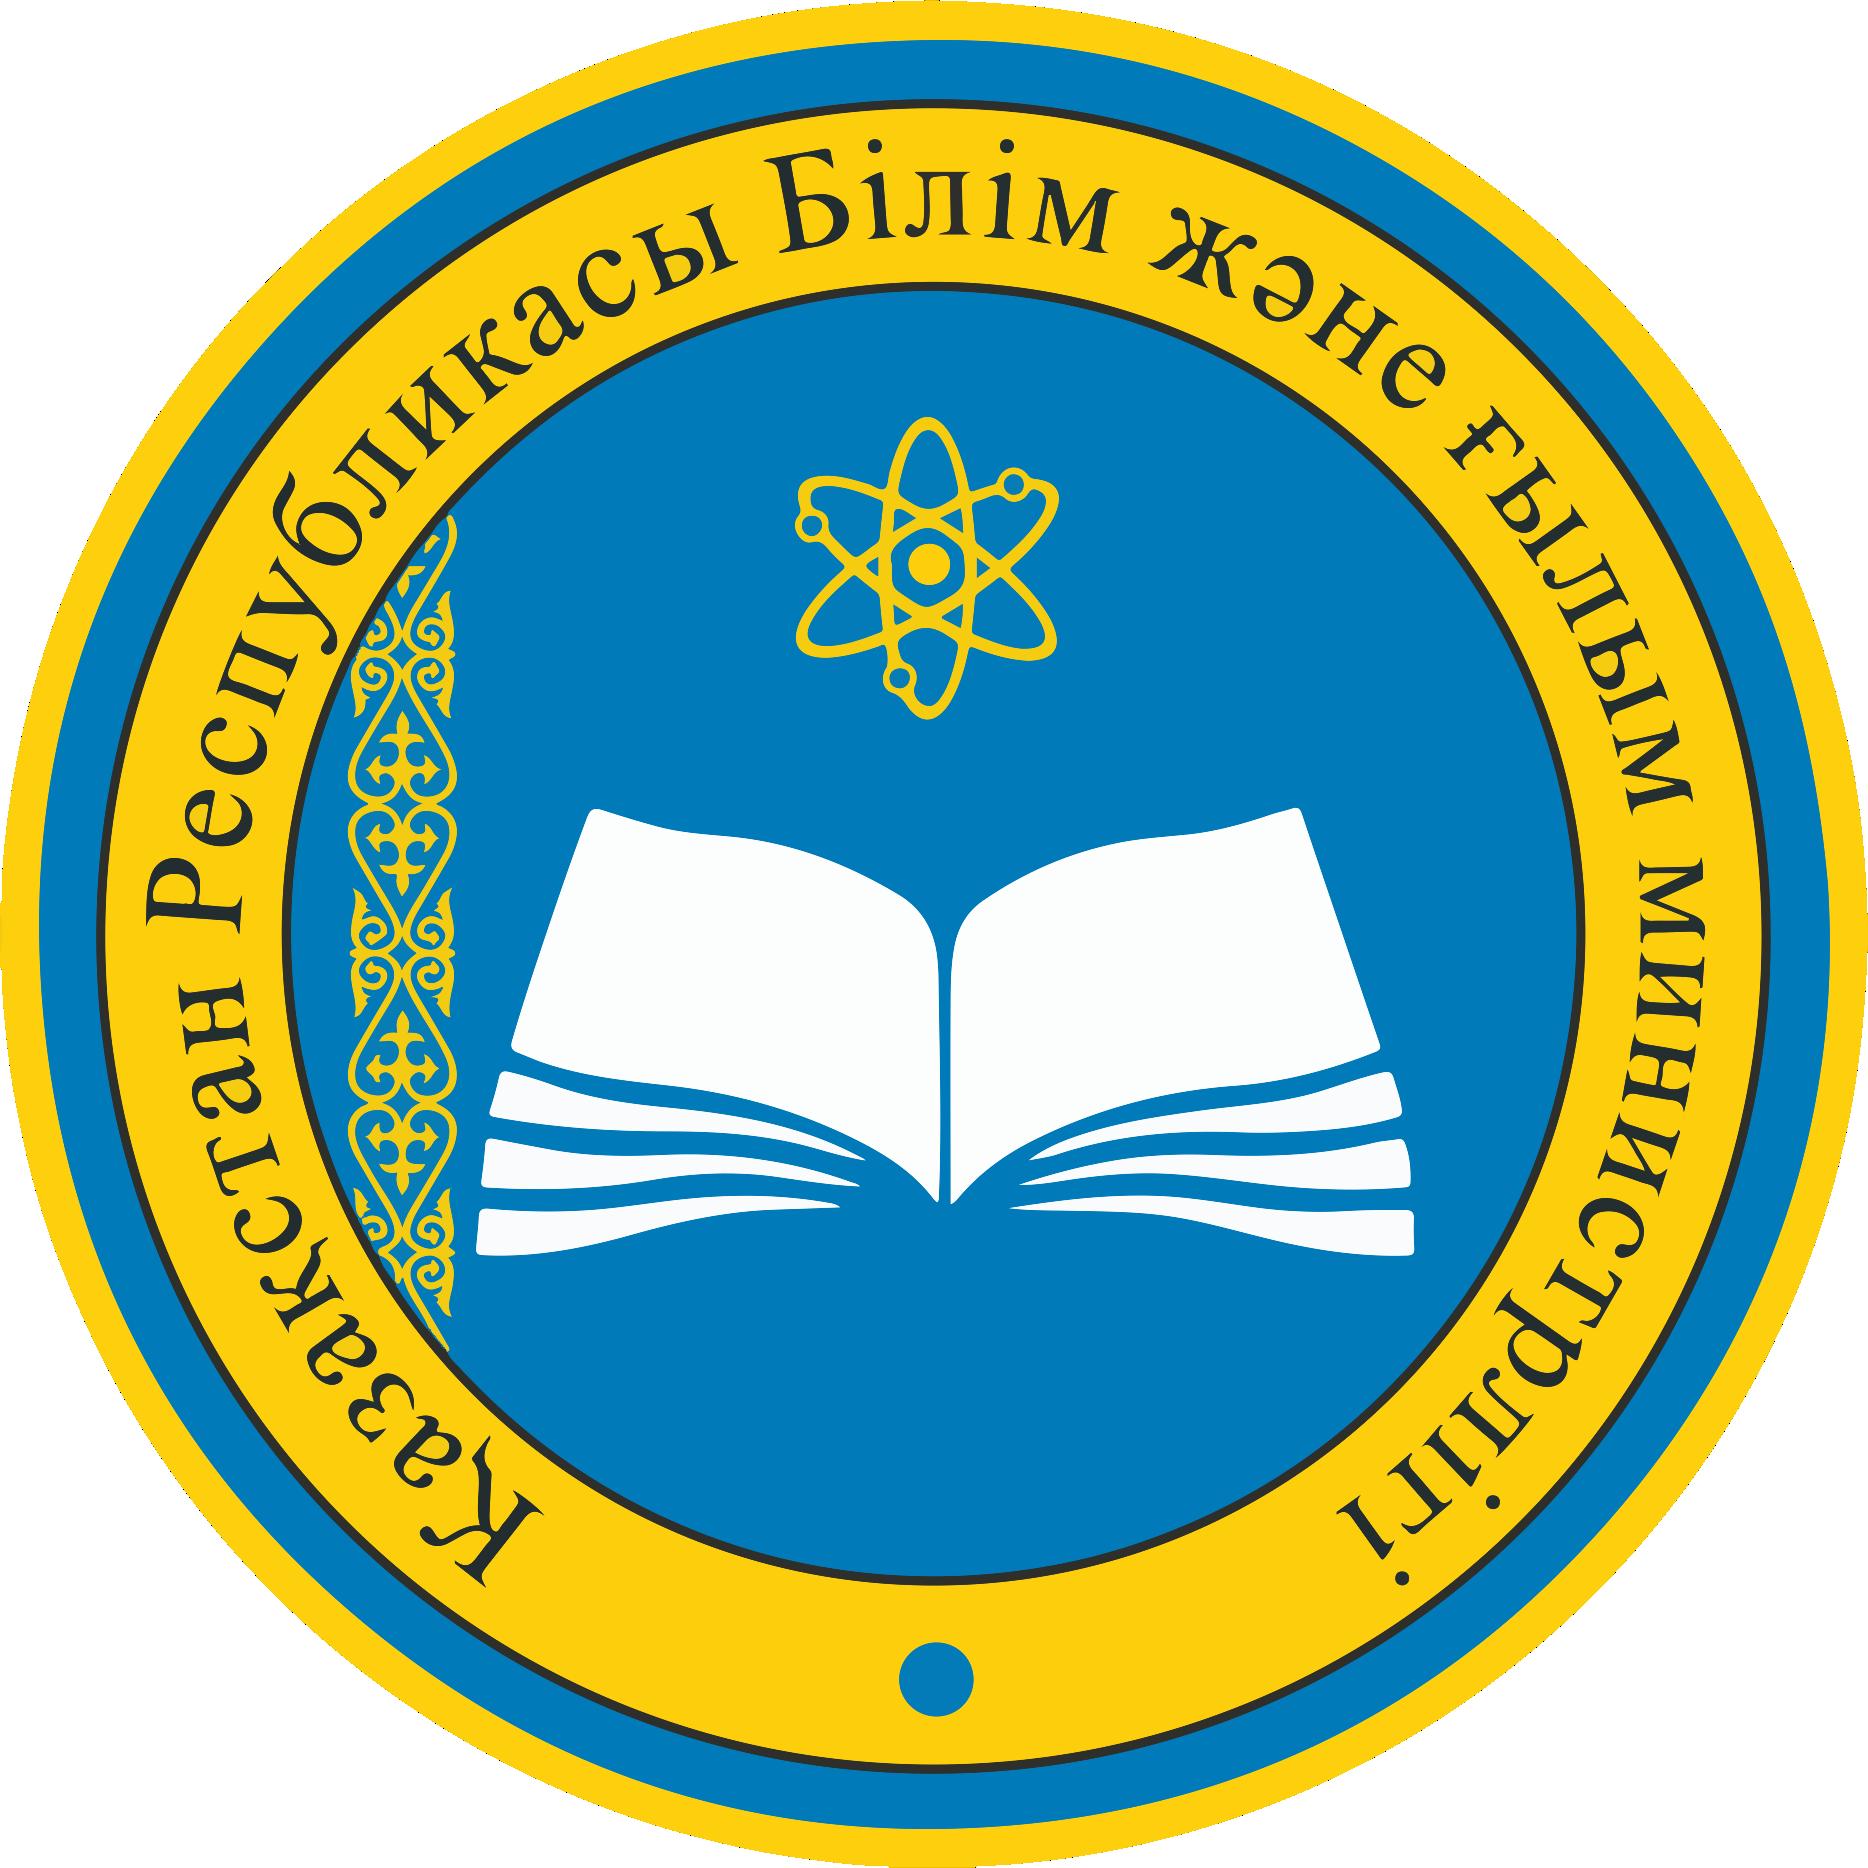 Министр образования и науки Асхат Аймагамбетов сделал заявление об инциденте в г.Семей, где учителей отправили подметать улицы